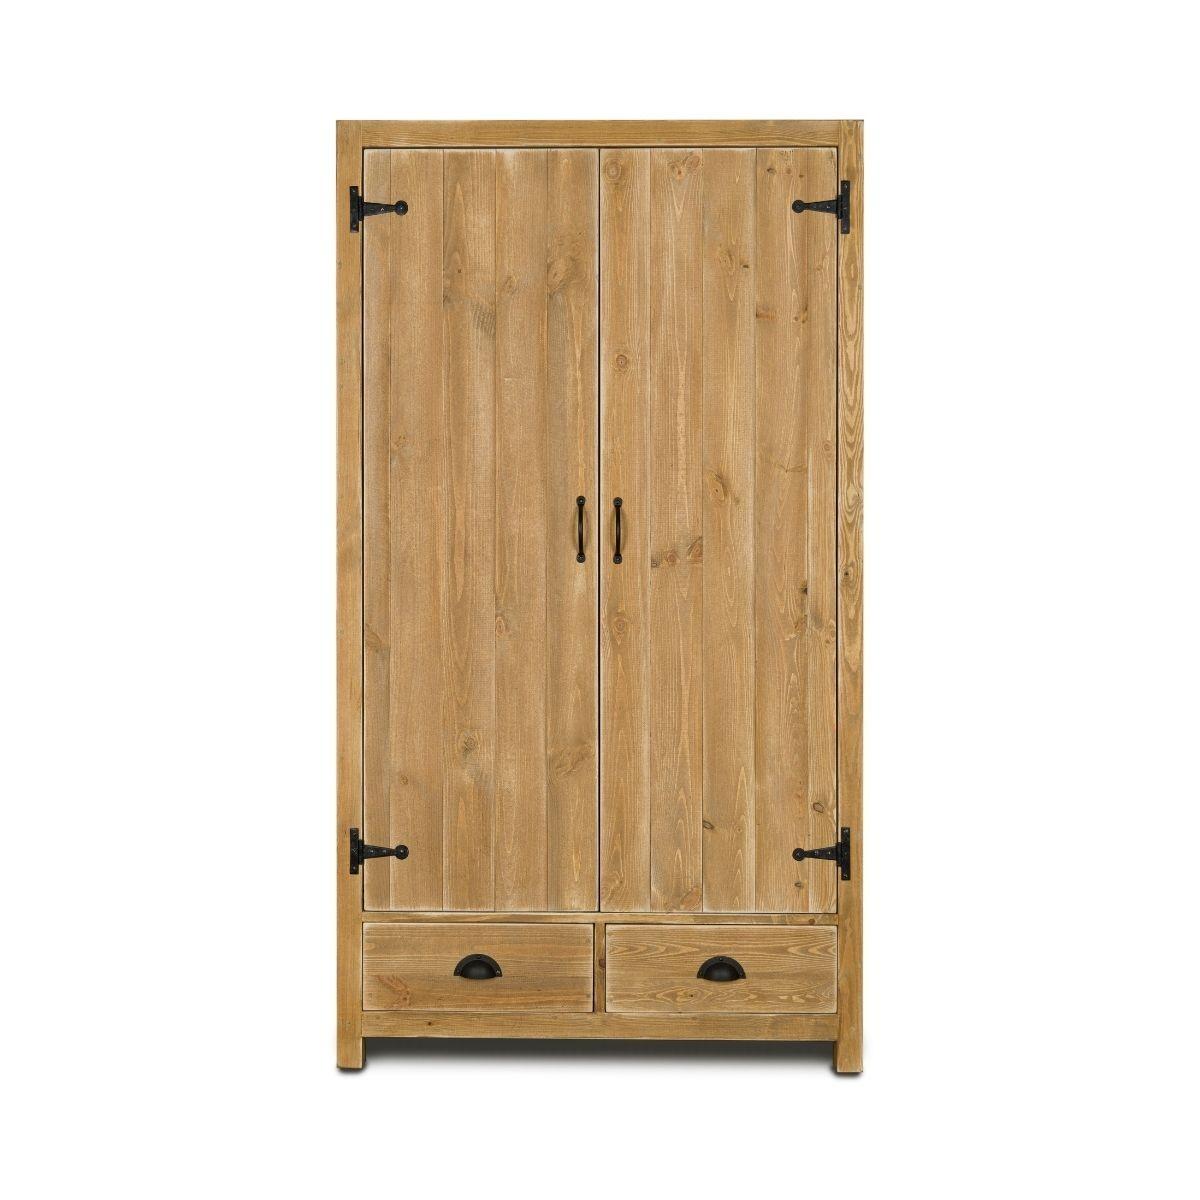 Armoire 2 portes 2 tiroirs pin massif bois vieilli